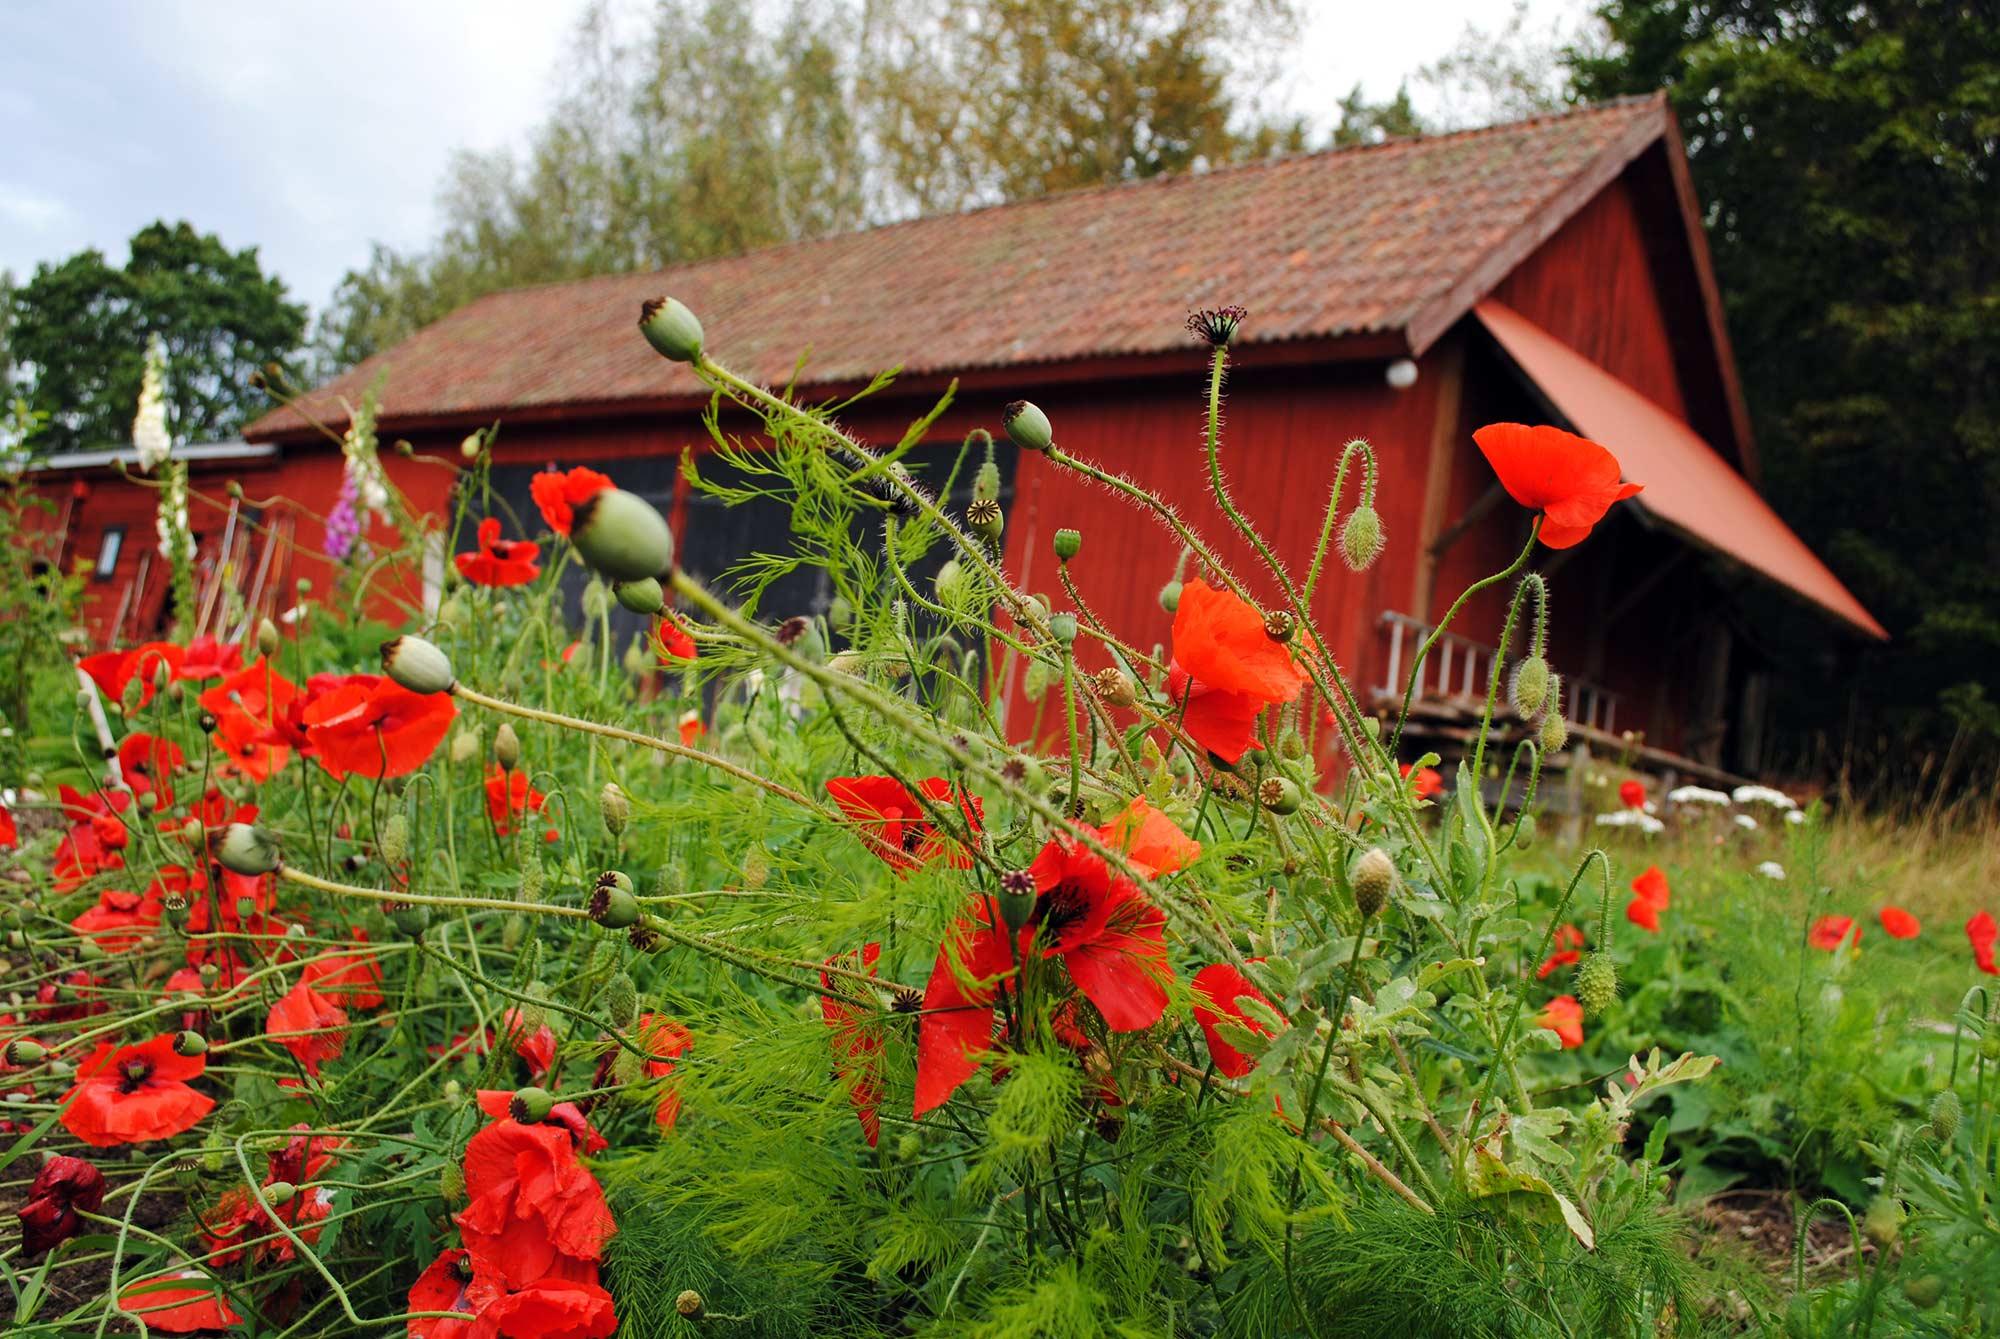 Poppy at Sunnansjö Farm